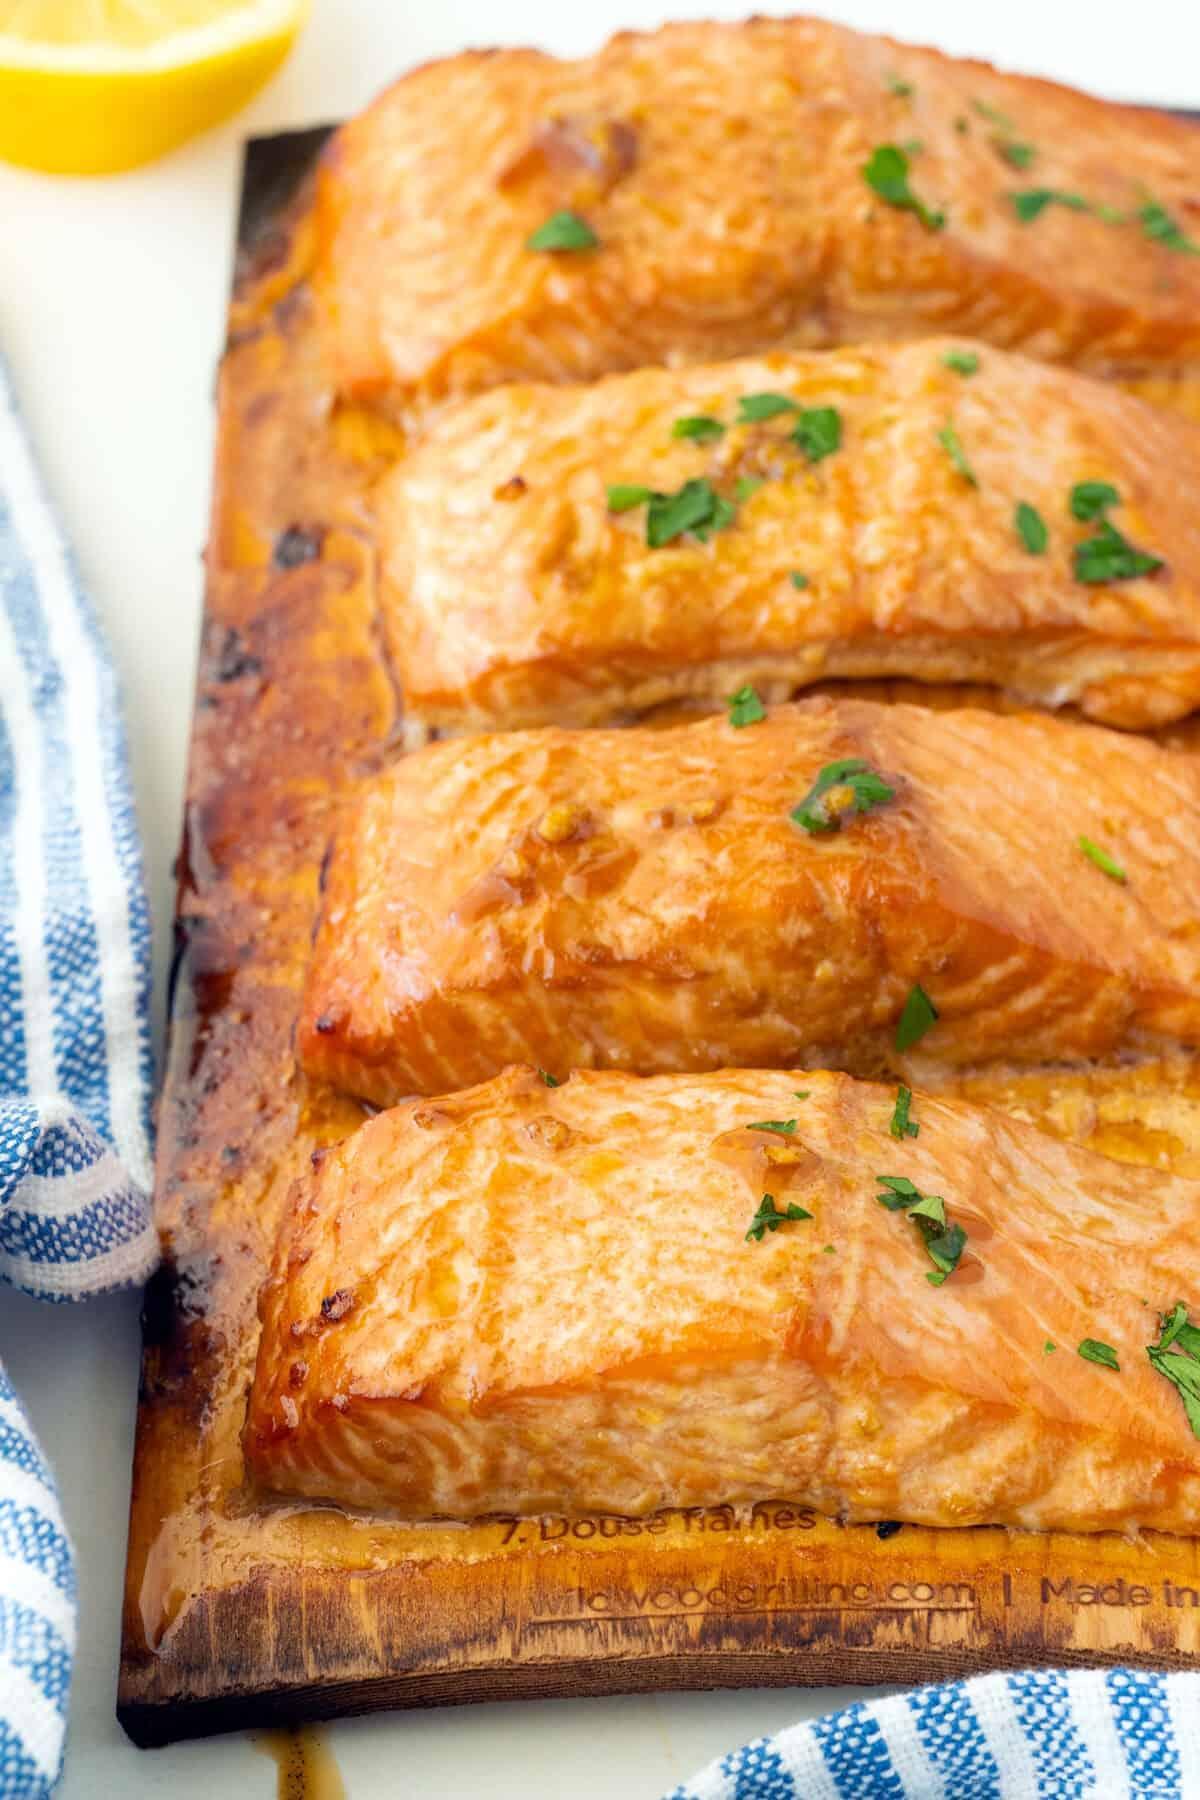 cooked salmon on a cedar board